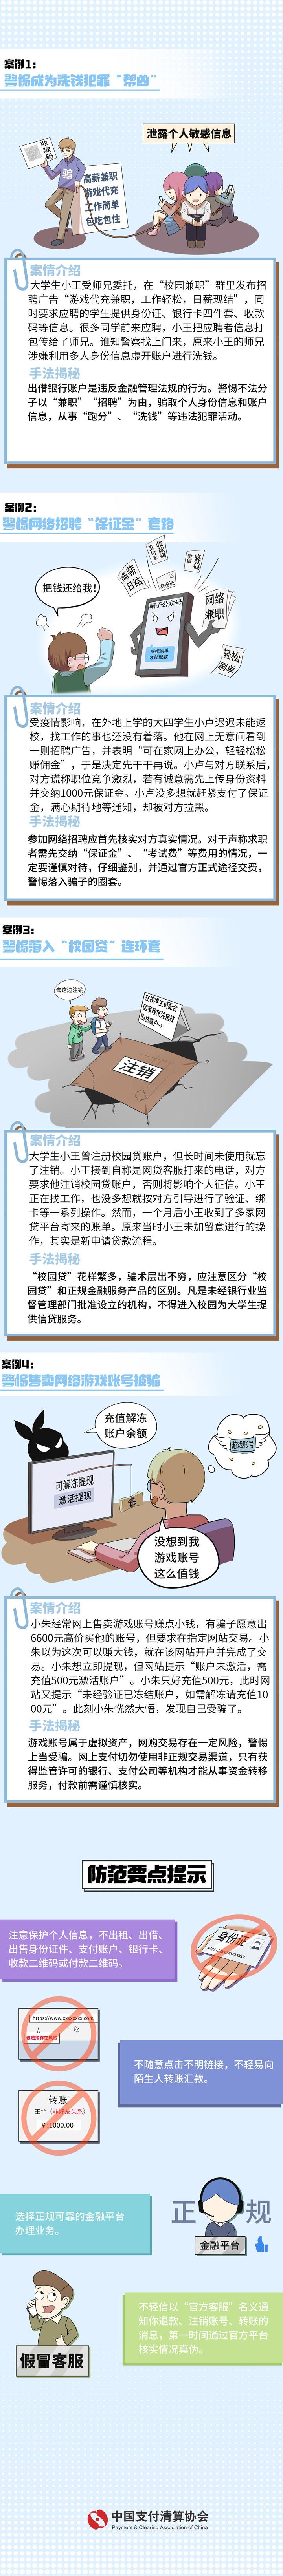 【正文】青少年防范欺诈案例